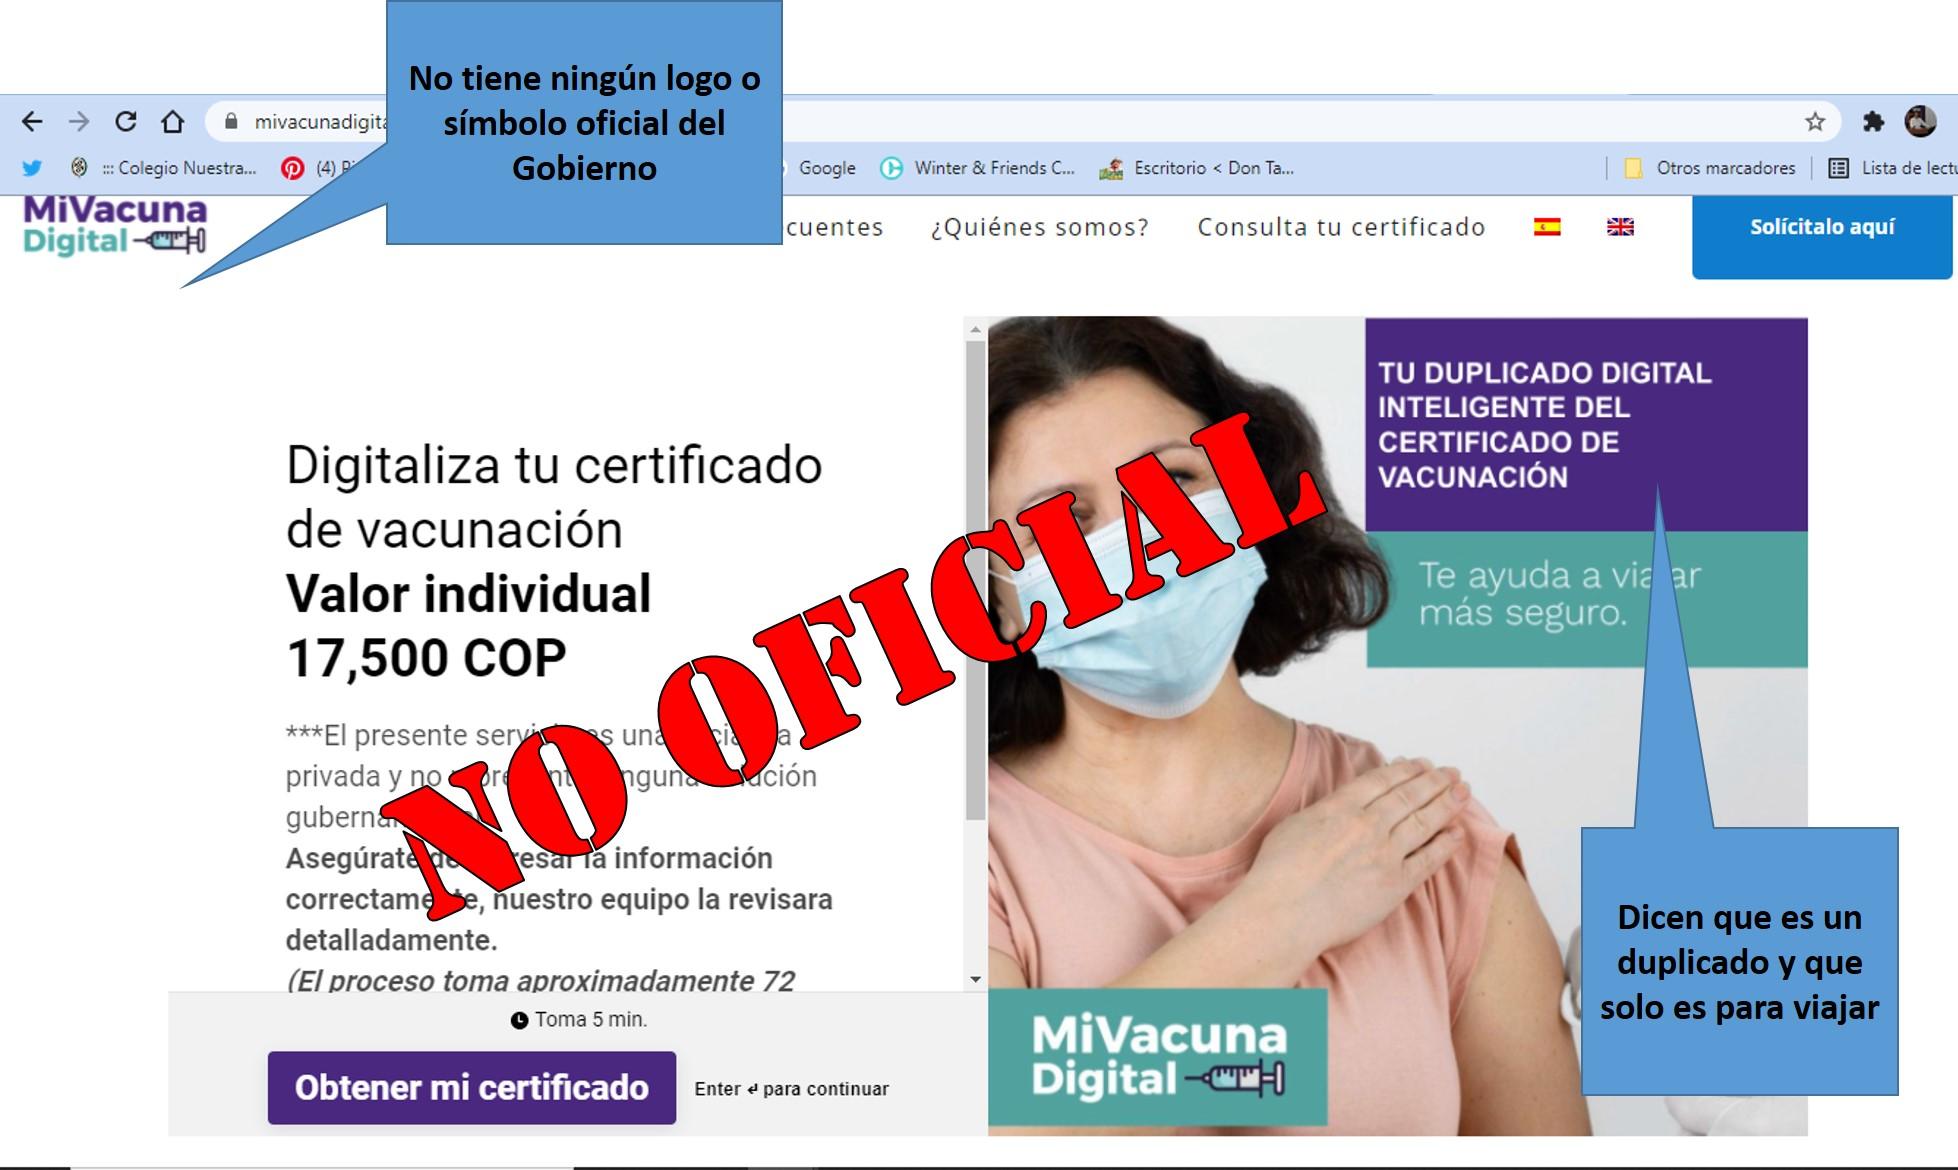 ¡Venga le cuento¡ El certificado digital de vacunación es gratuito 7